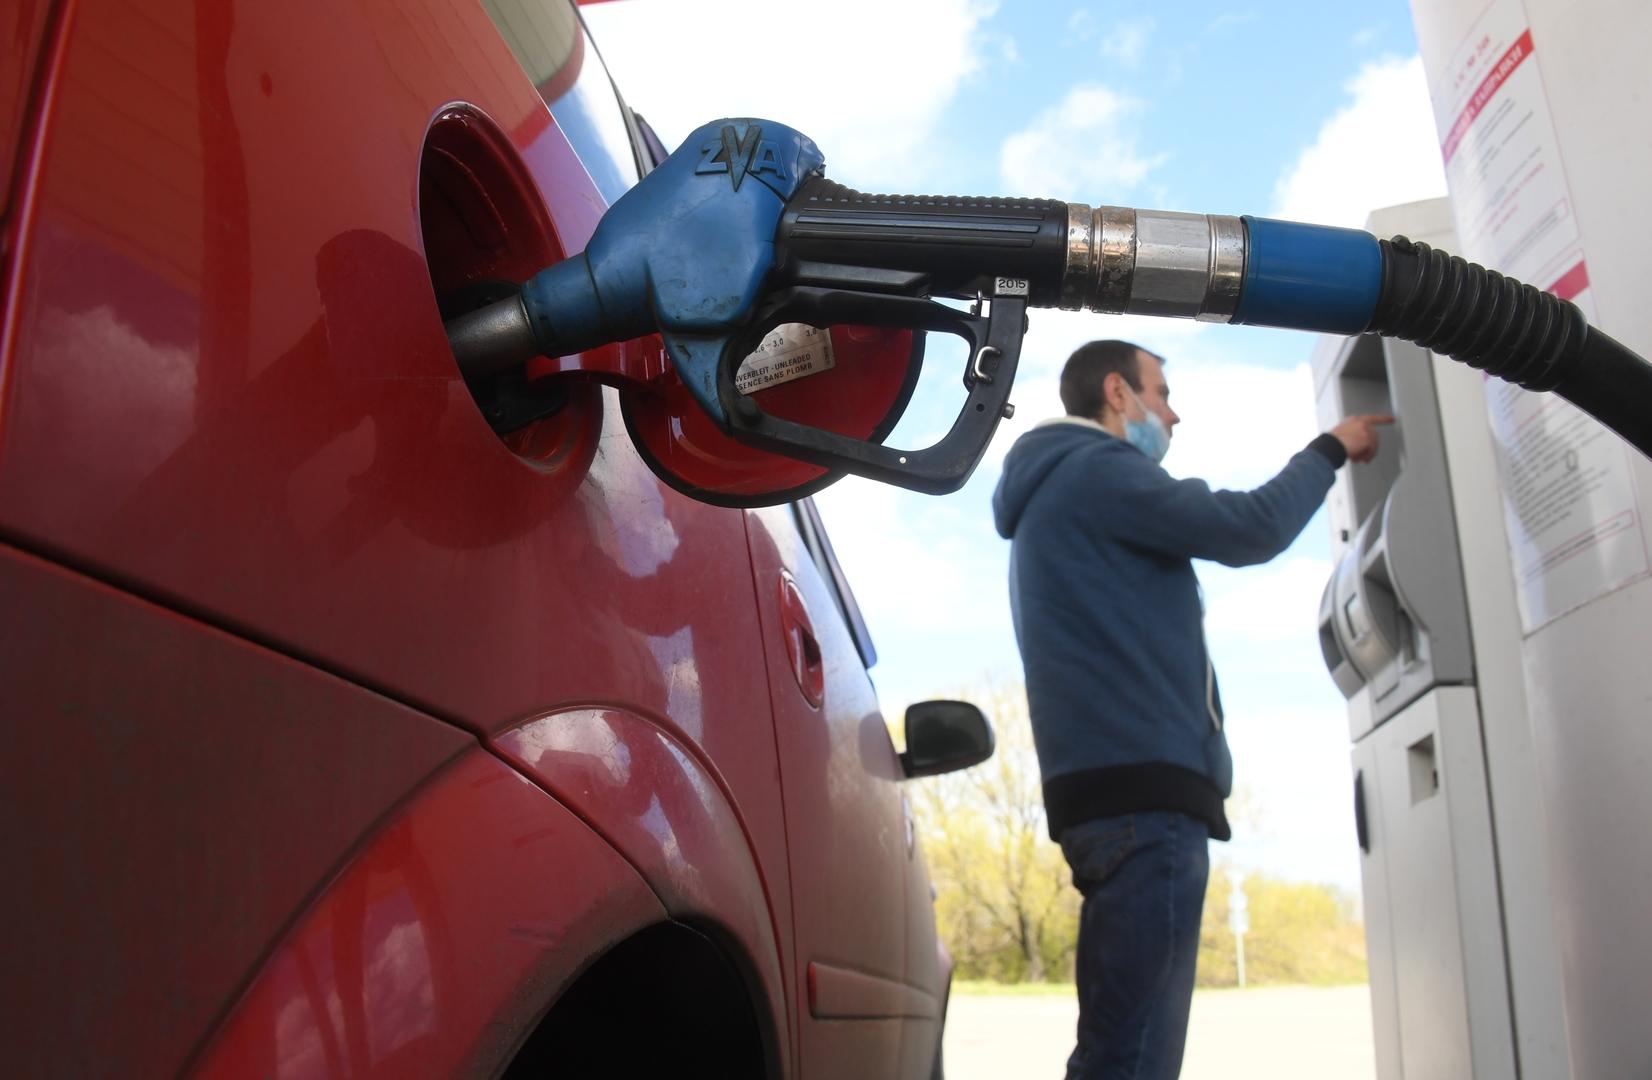 خبراء: حظر روسيا استيراد الوقود يهدف لحماية السوق المحلية من الإغراق -